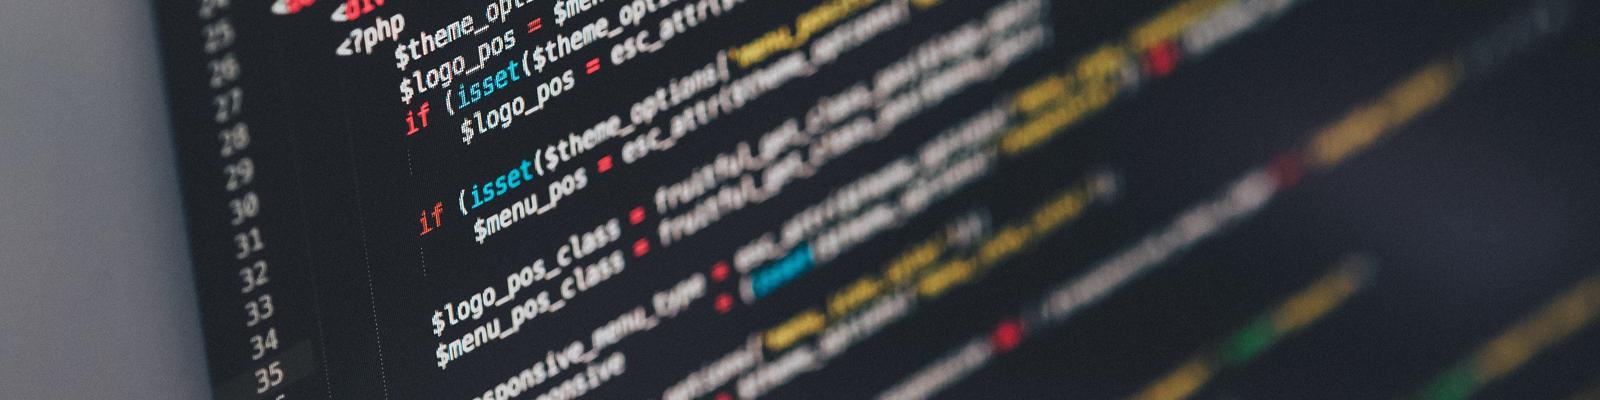 Strukturerad och vacker PHP-kod på en svart bakgrund